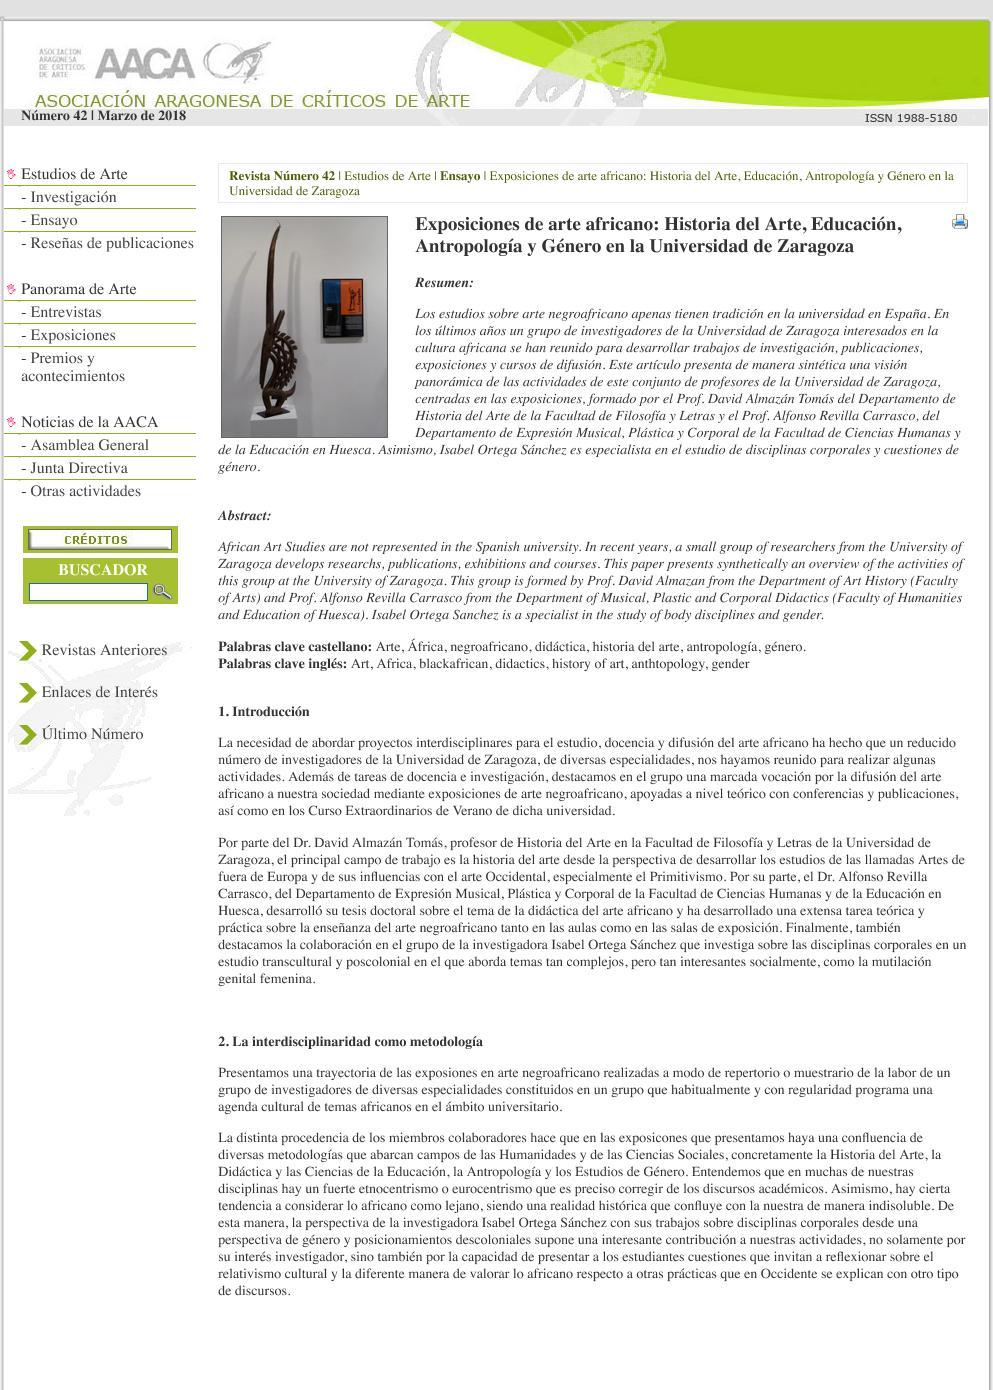 Exposiciones didácticas de arte negroafricano desde la Universidad de Zaragoza: Historia del Arte, Educación, Antropología y Género